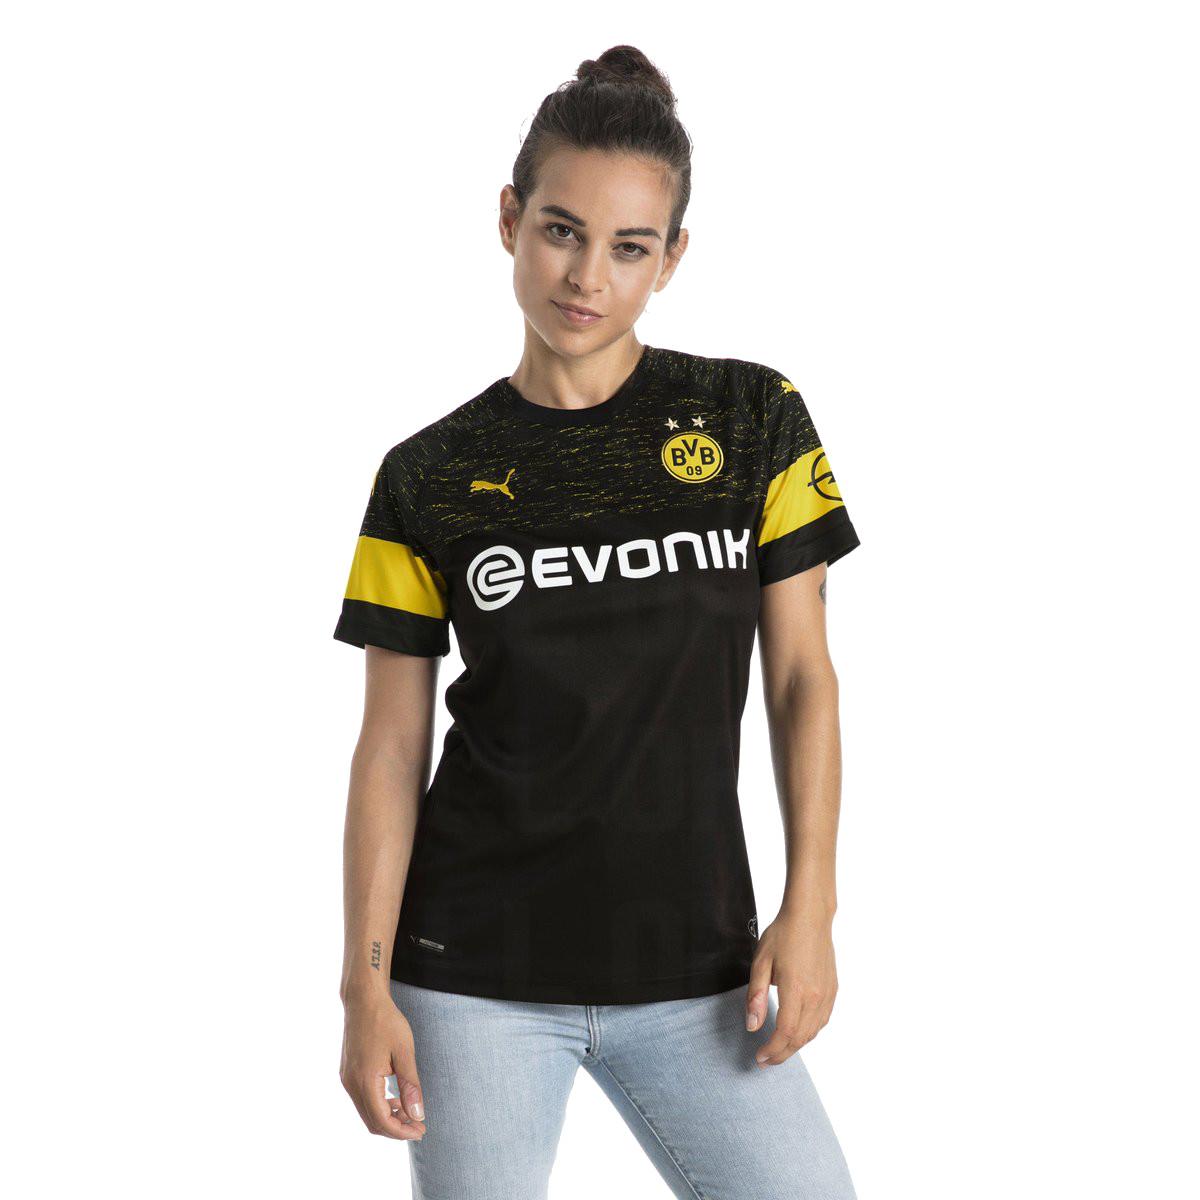 BVB Dortmund 2019 maillot extérieur noir 18 19